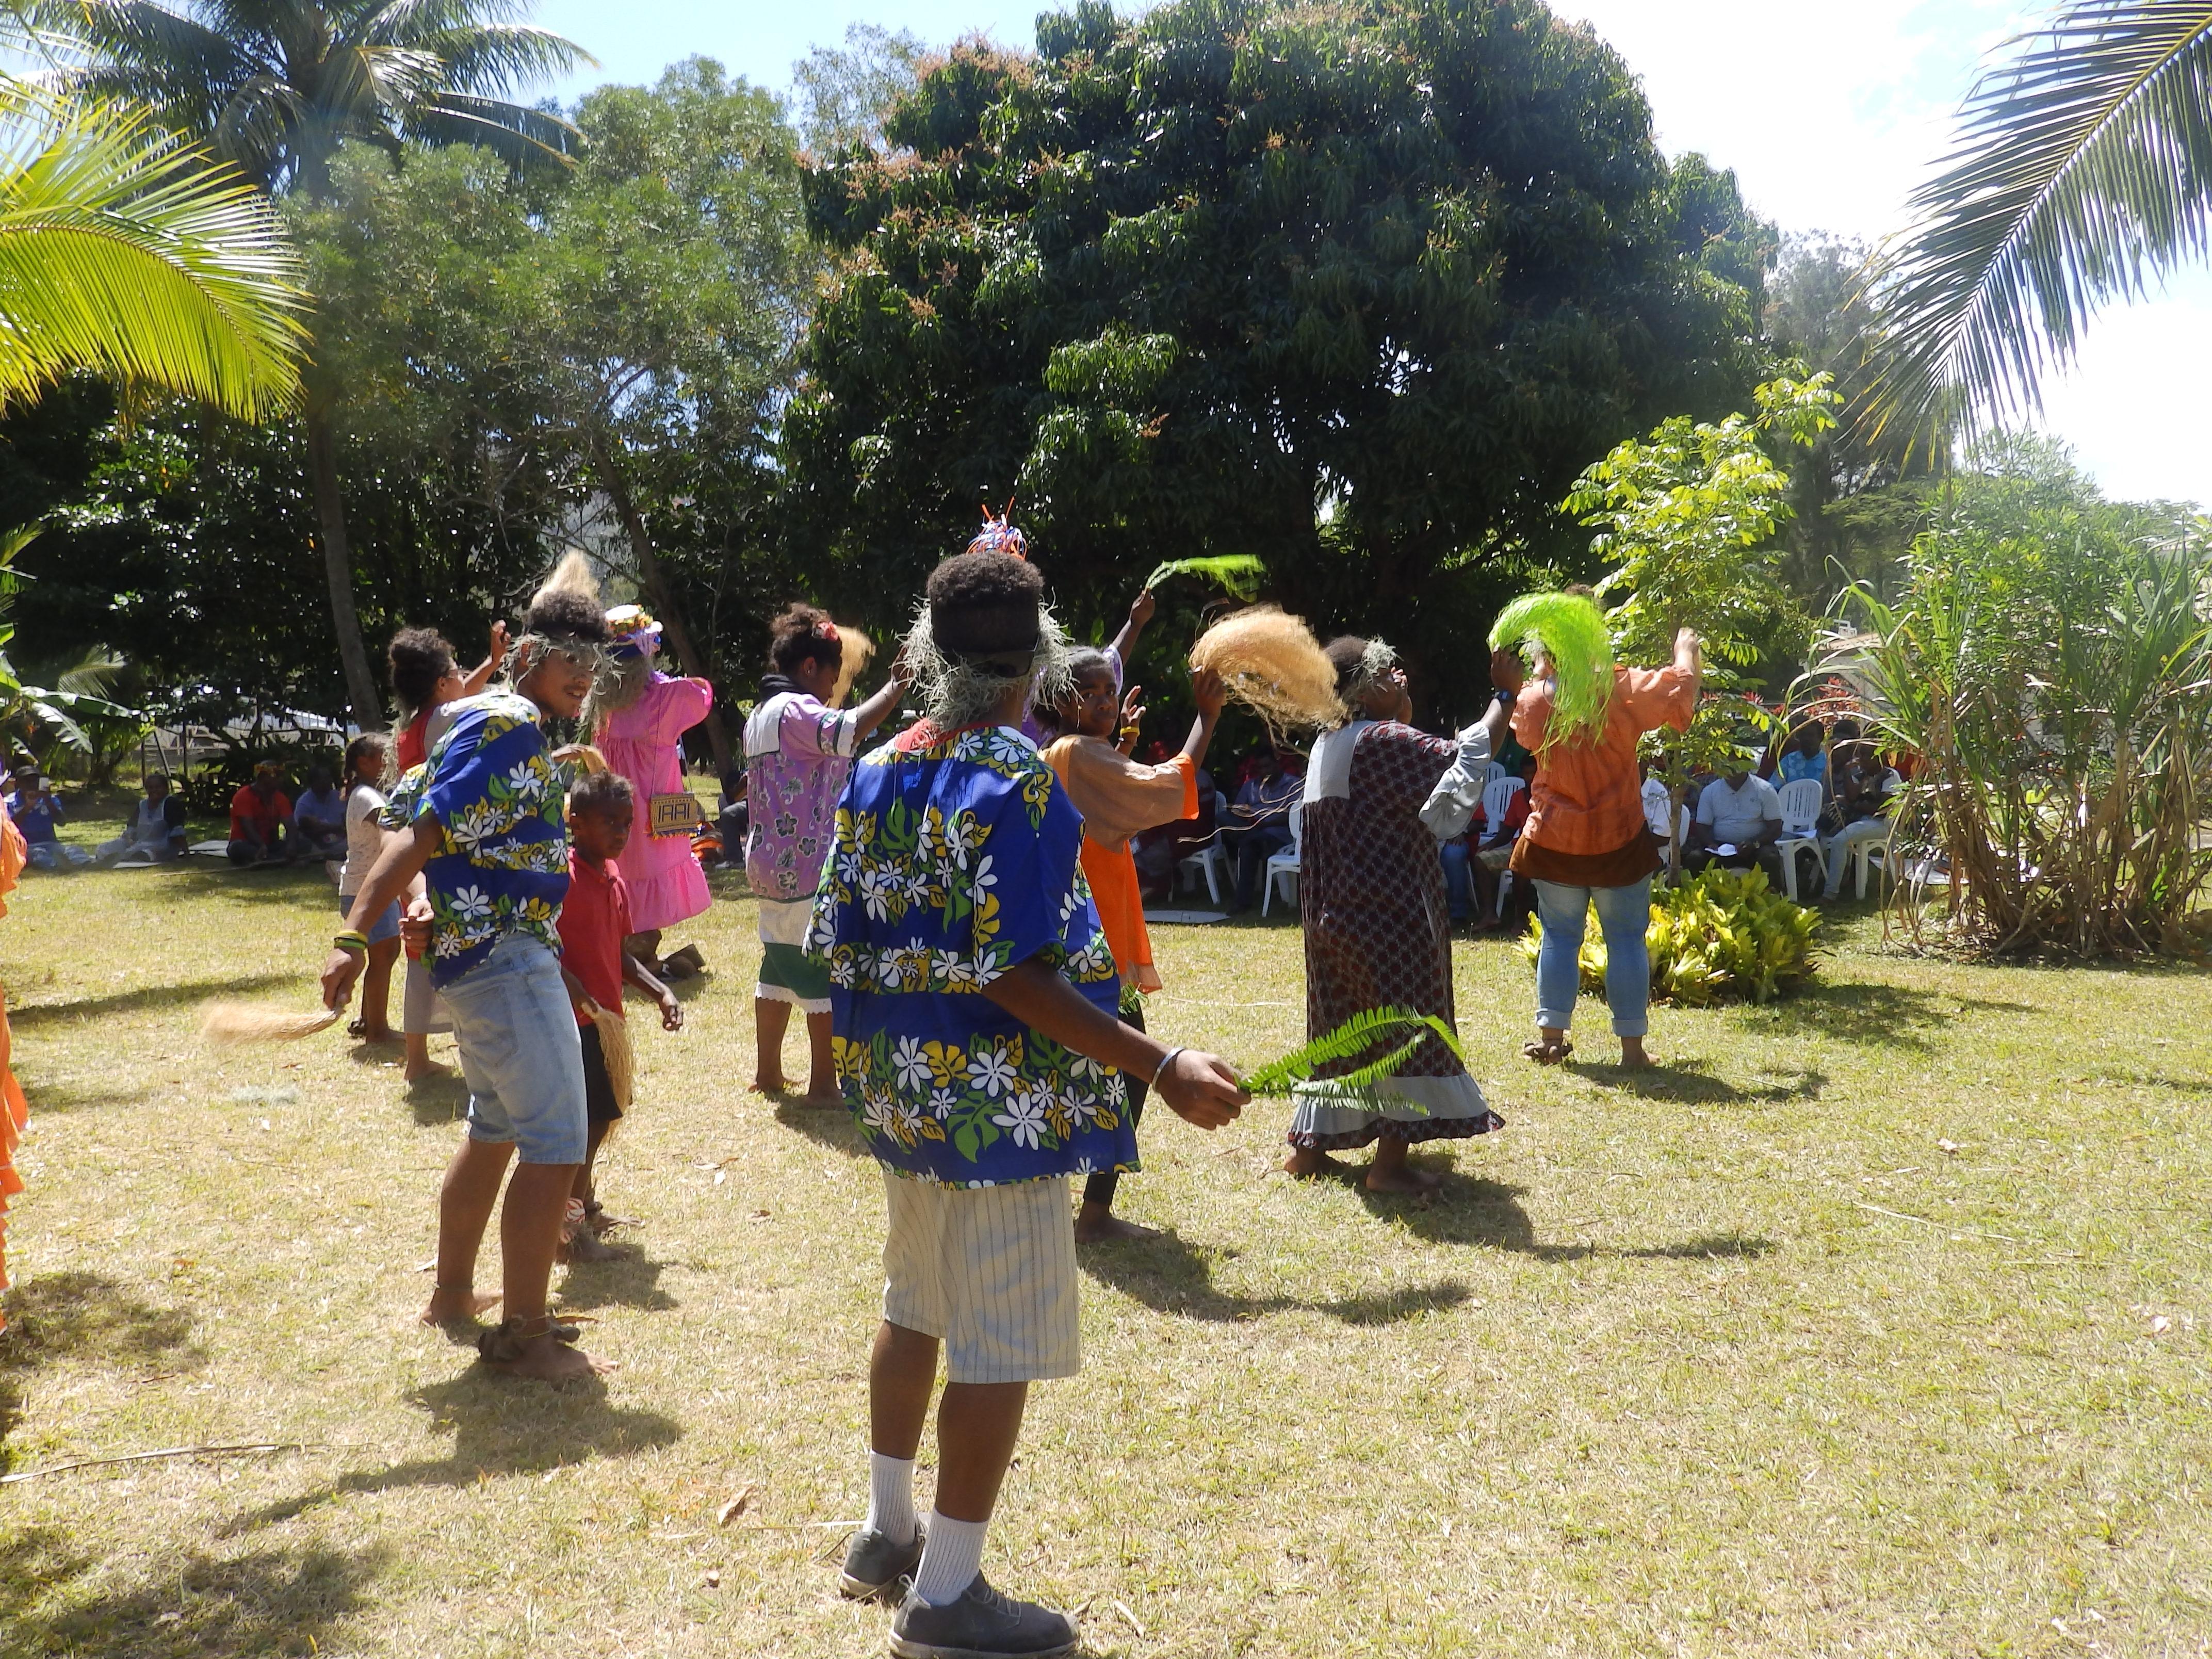 Danse des jeunes : aurevoir et rendez-vous l'année prochaine dans le consistoire de Nelemwa.